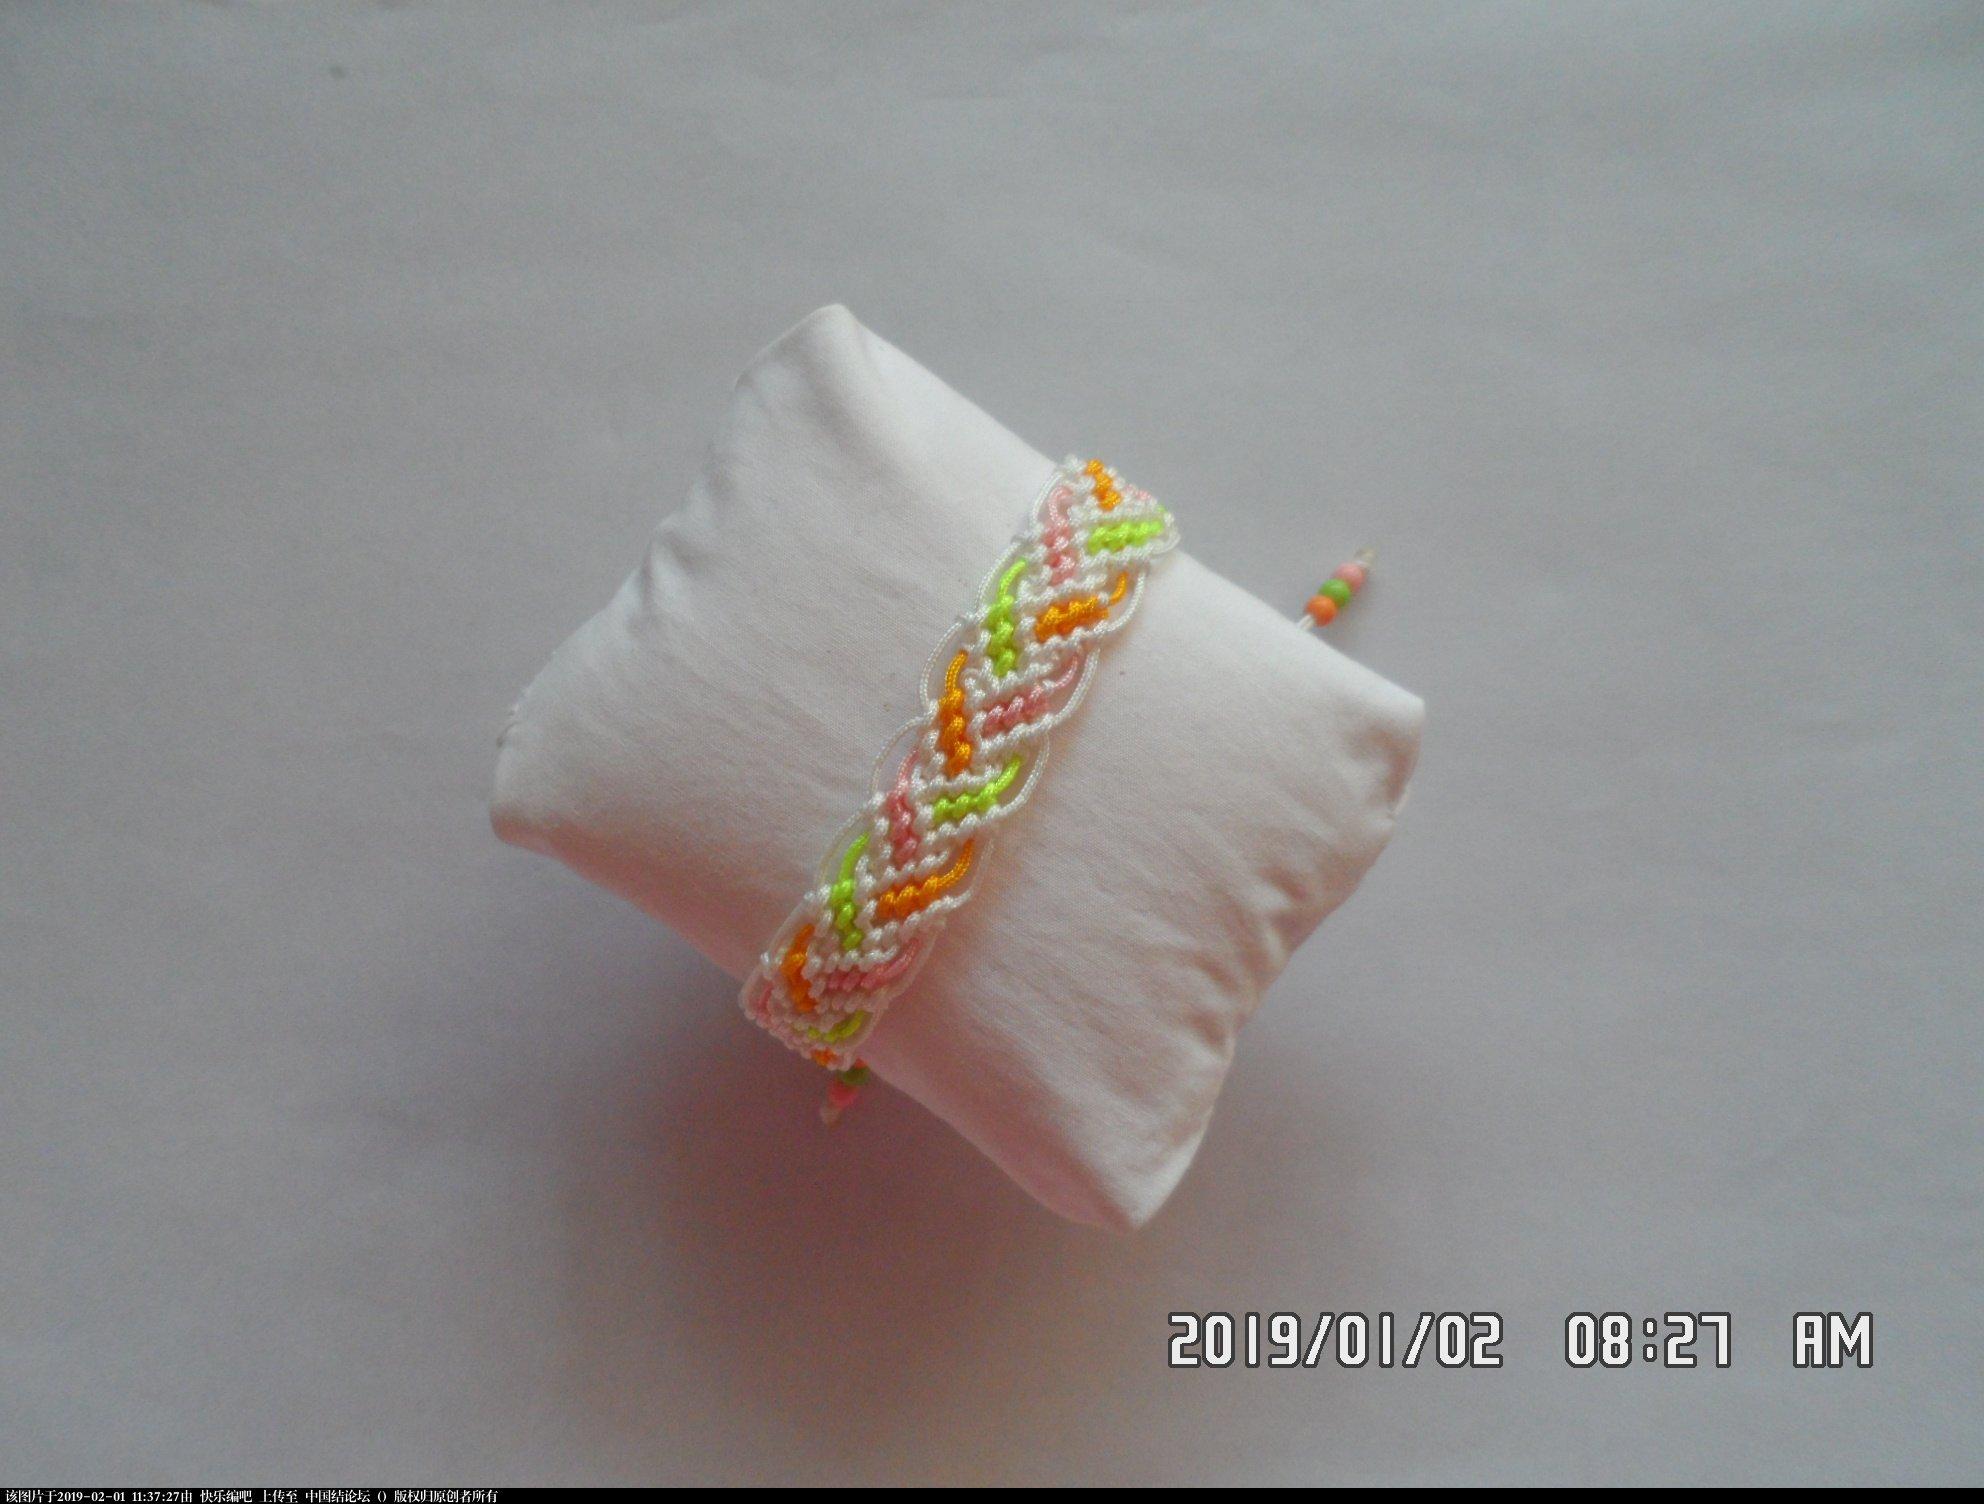 中国结论坛 一款彩色辫子图案手绳的编法 —— 反斜卷结练习  图文教程区 104056st085xcrccirkrmv